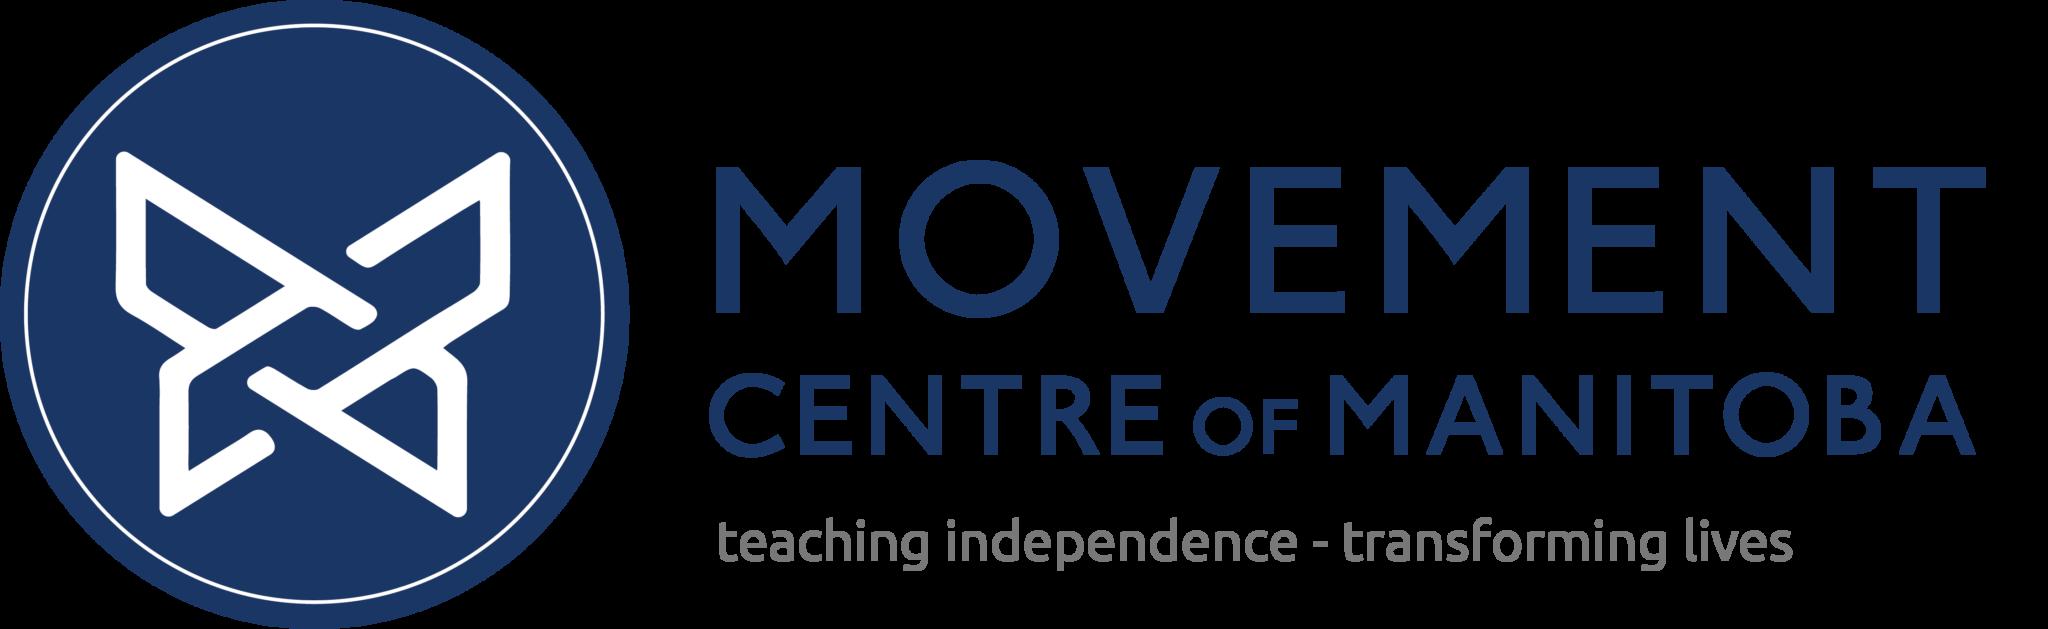 movement centre logo